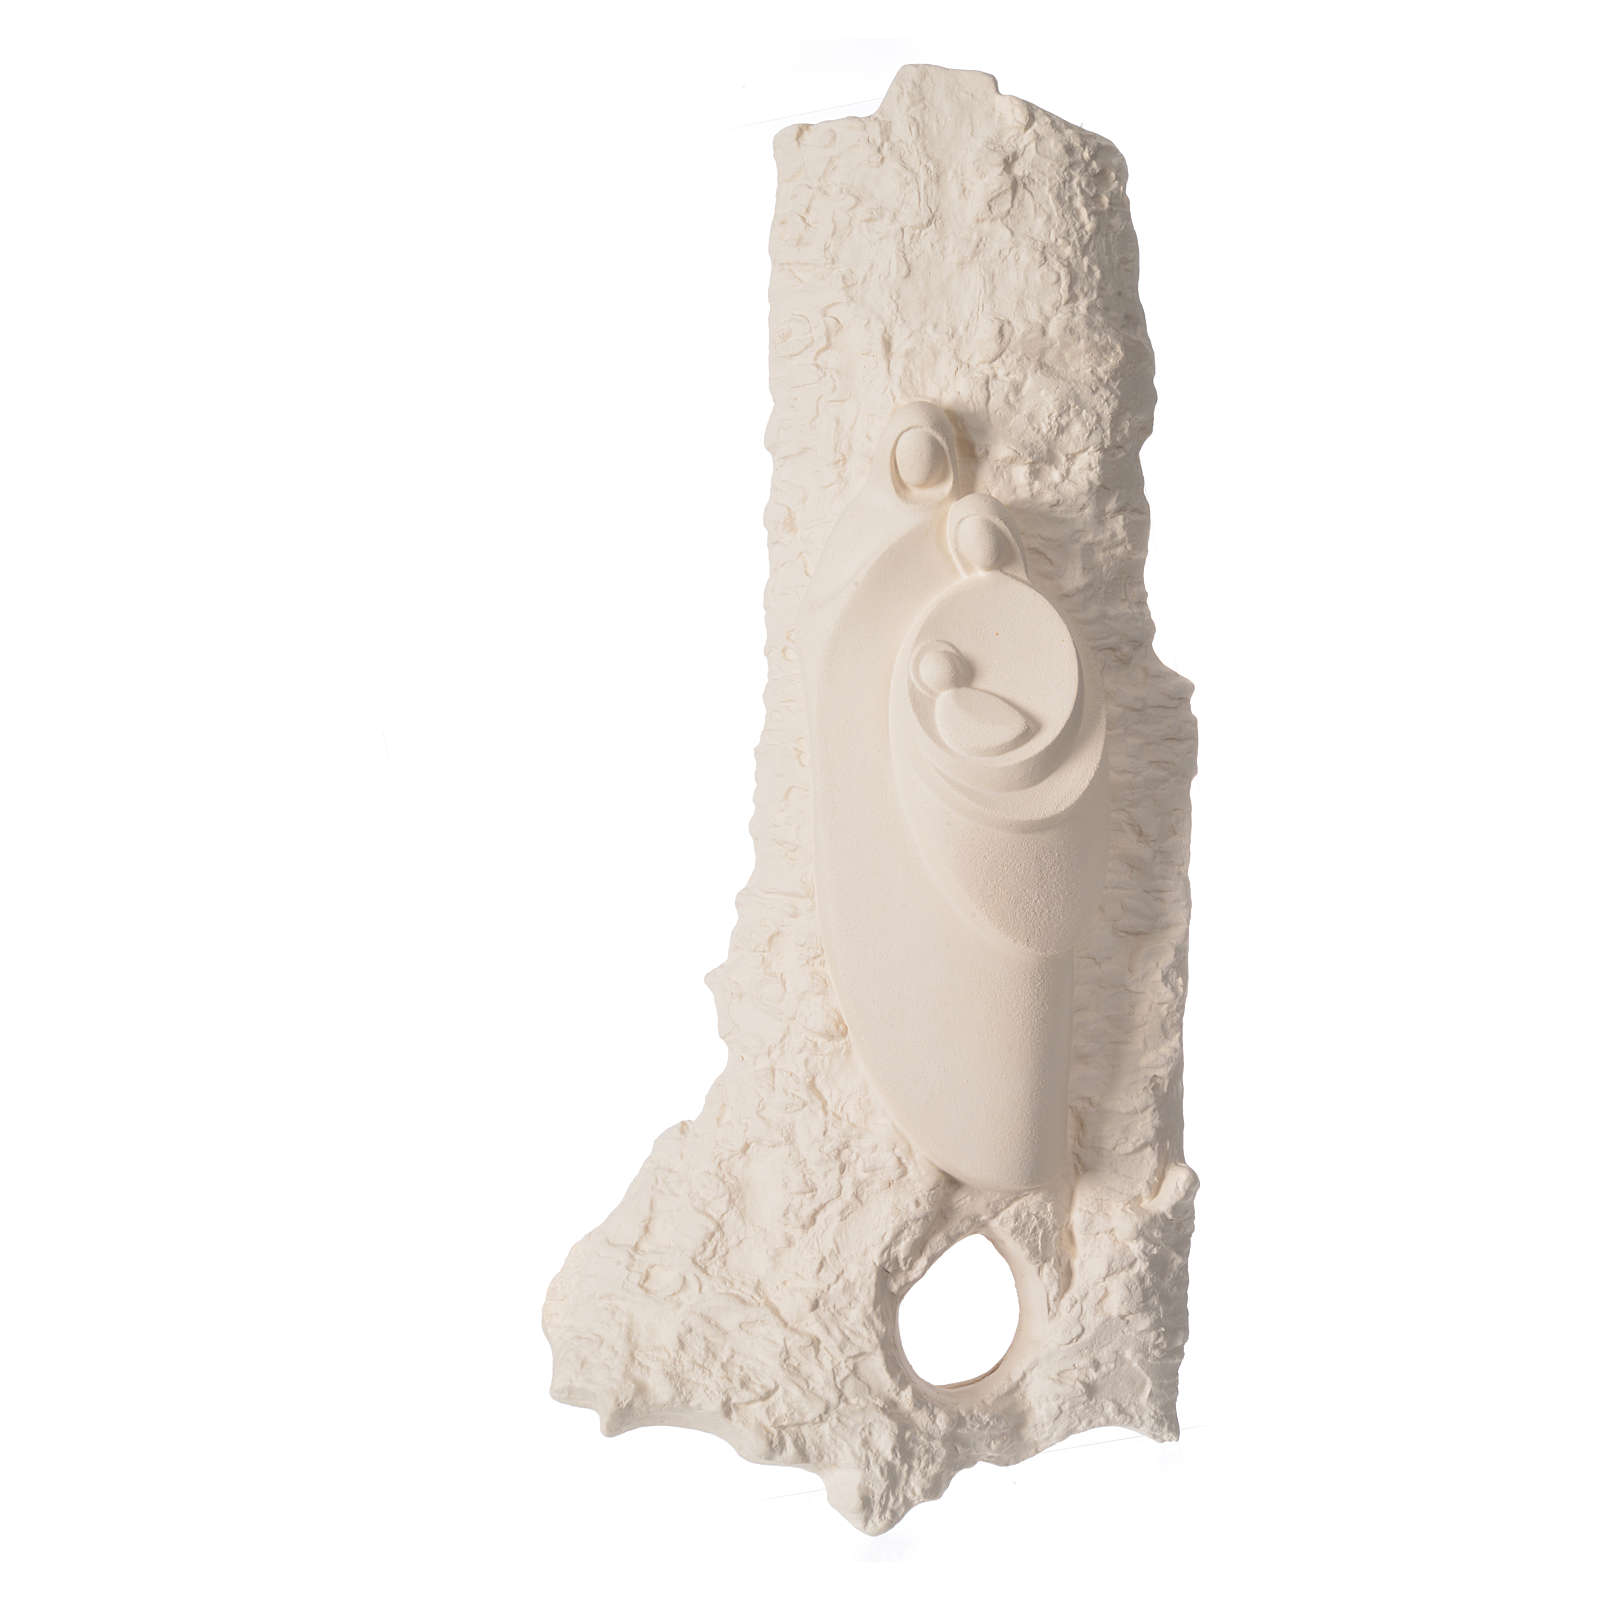 Bassorilievo Sacra Famiglia argilla mod. Oriente 4